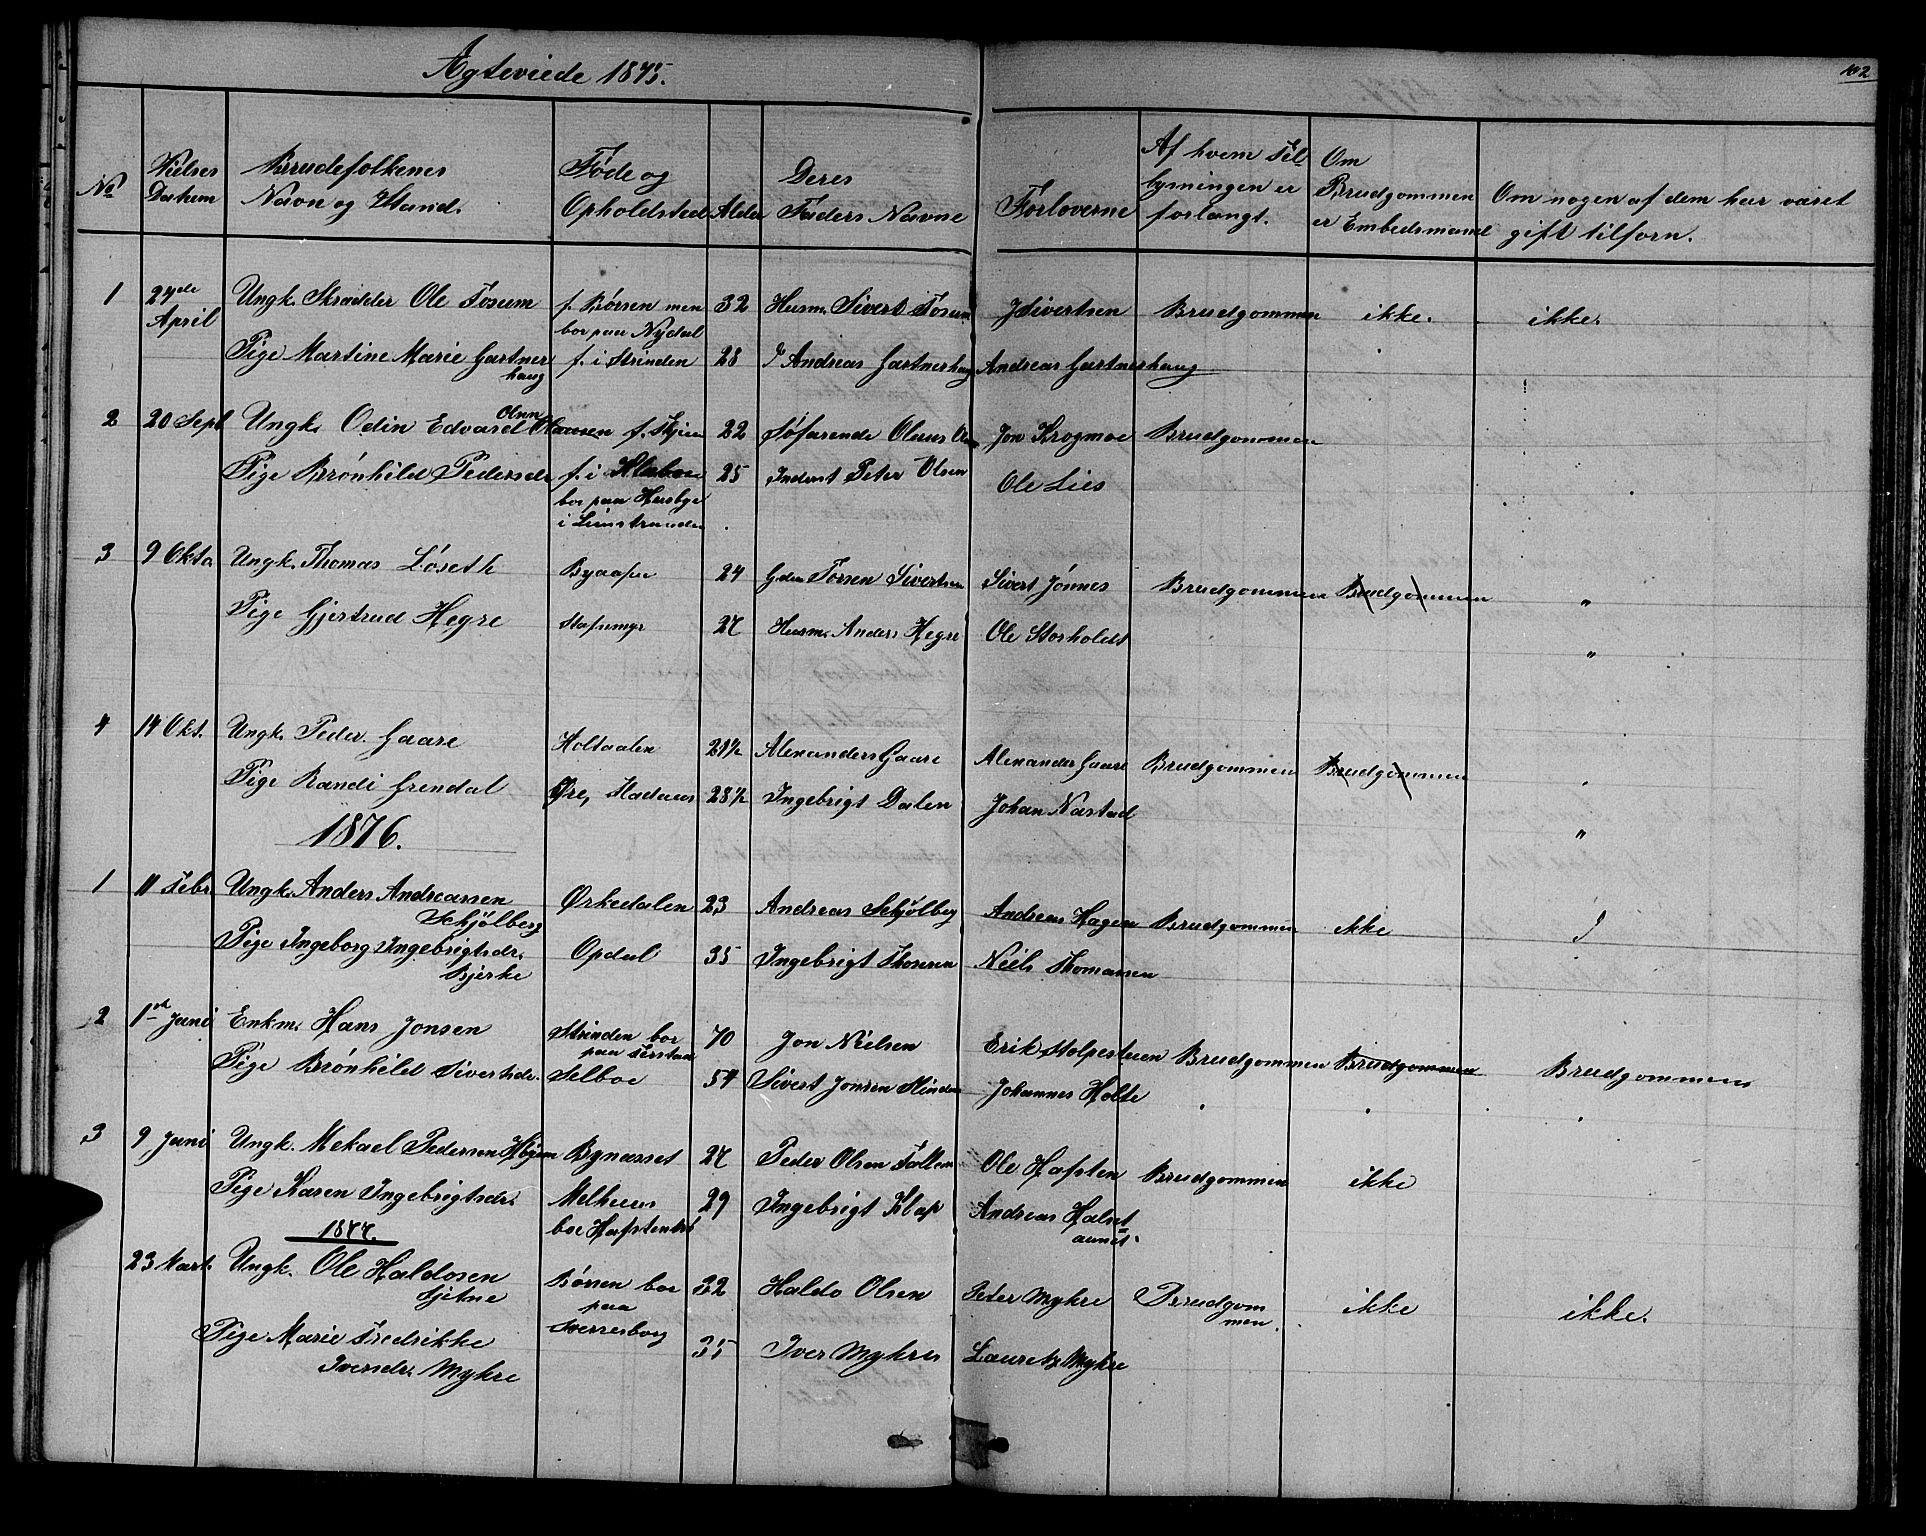 SAT, Ministerialprotokoller, klokkerbøker og fødselsregistre - Sør-Trøndelag, 611/L0353: Klokkerbok nr. 611C01, 1854-1881, s. 102